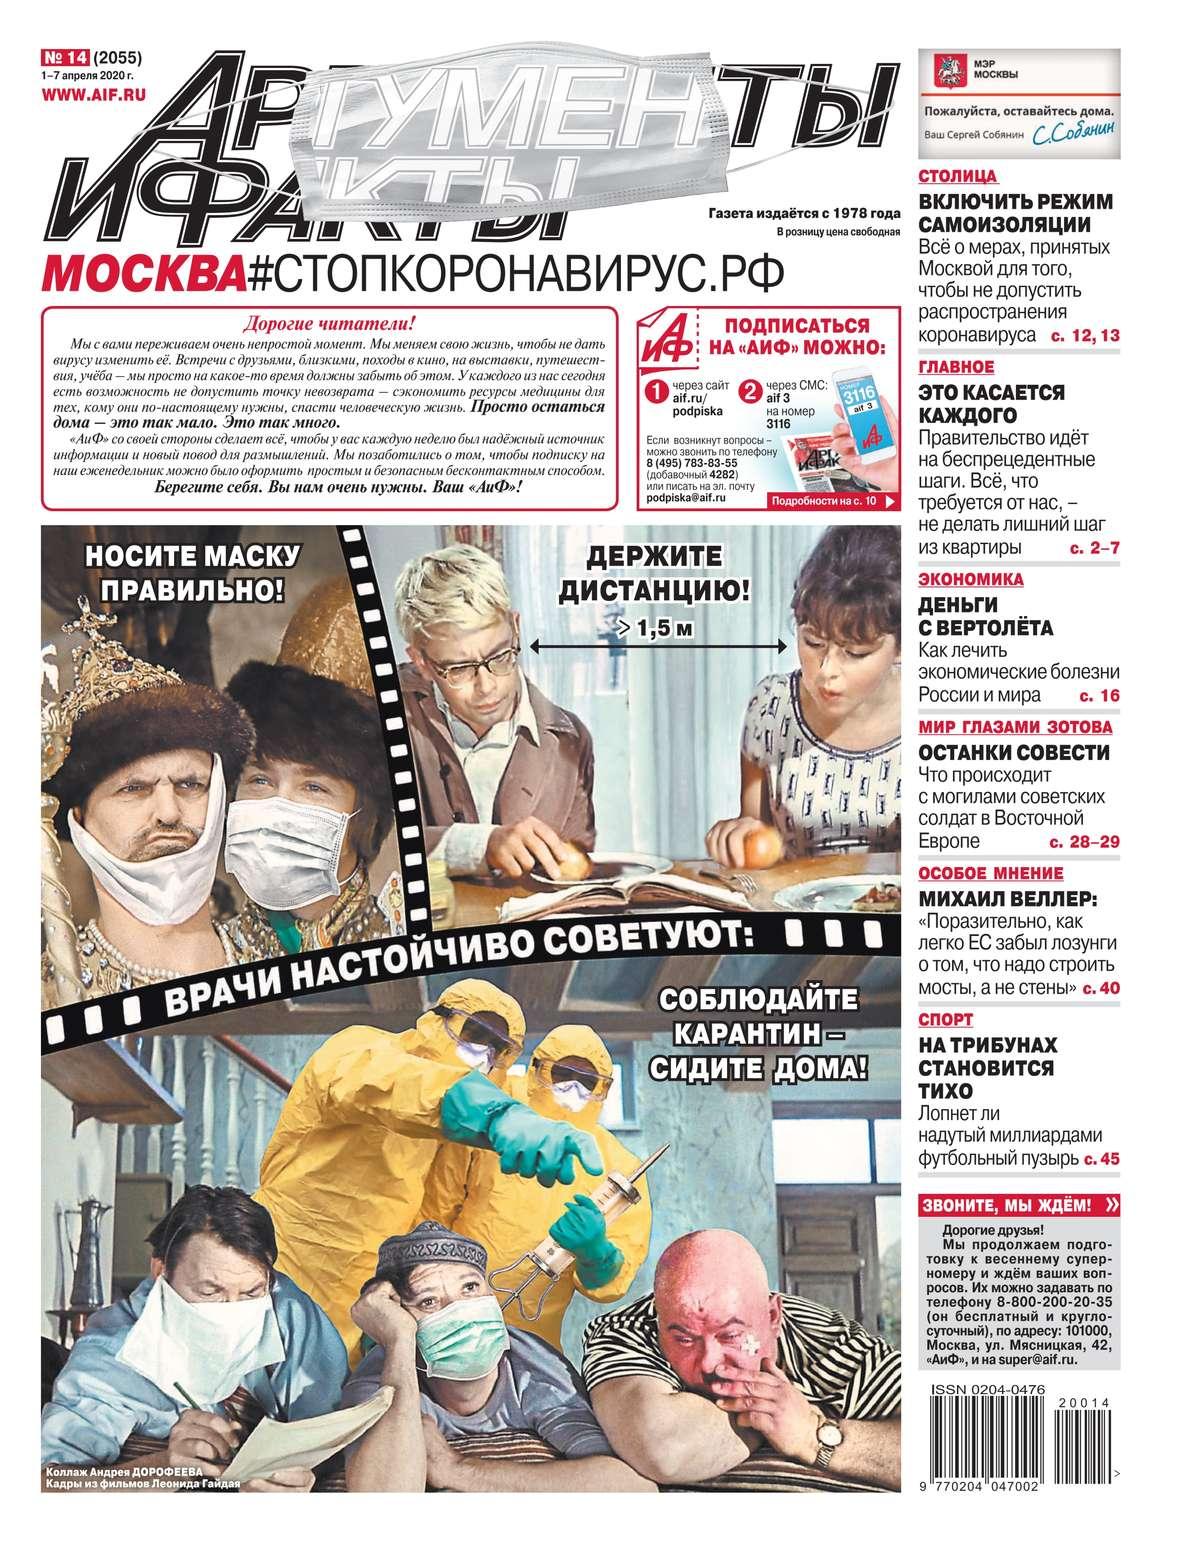 Редакция газеты Аргументы и Факты Москва Аргументы и Факты Москва 14-2020